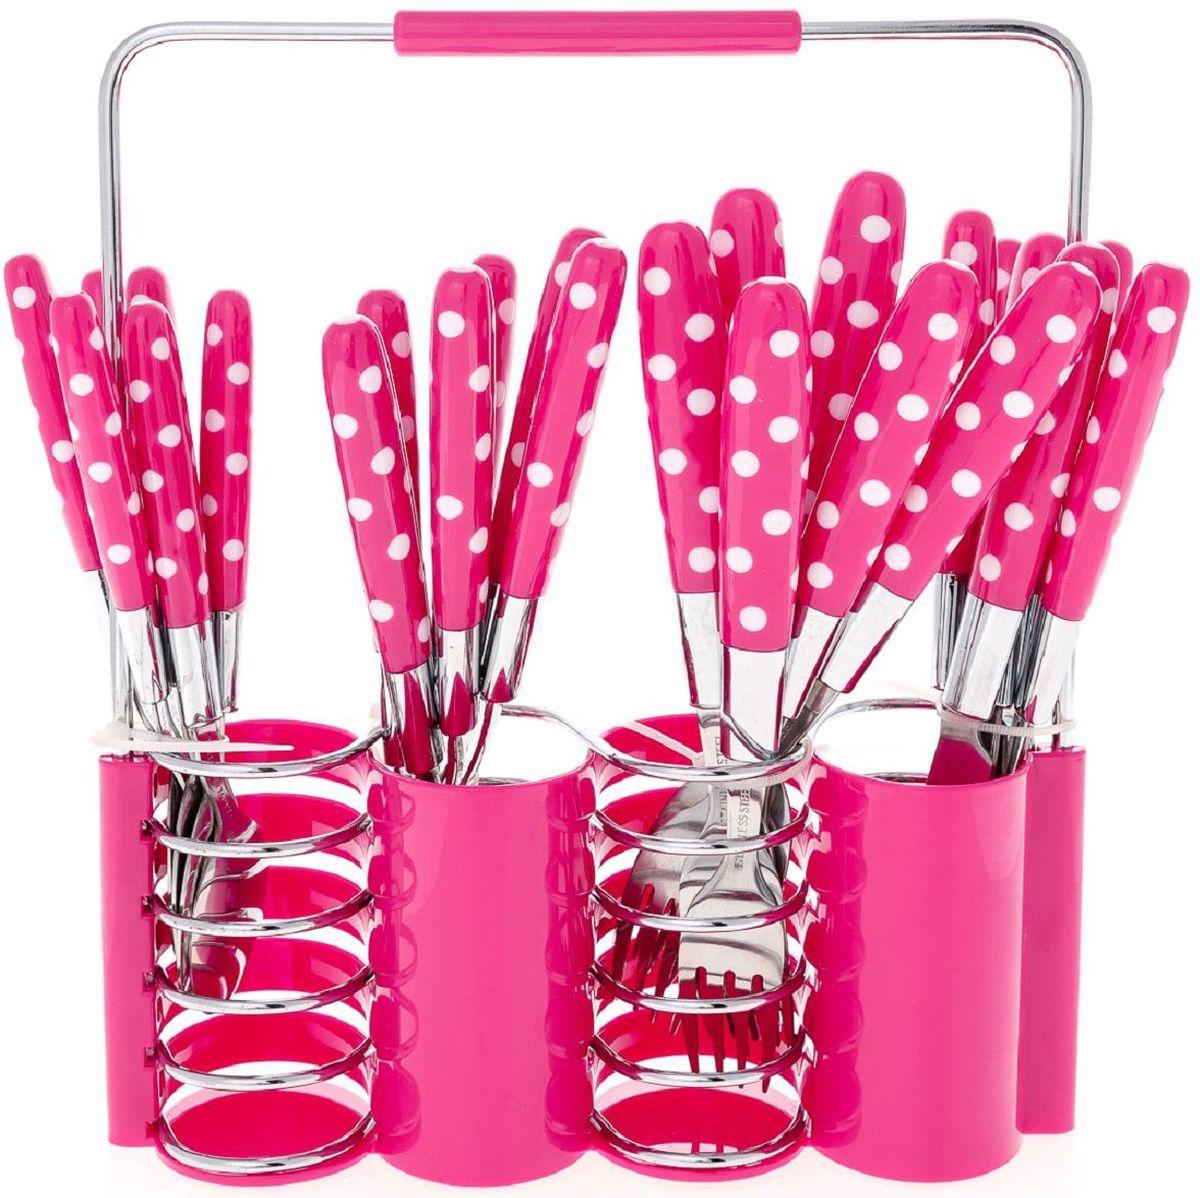 Набор столовых приборов Elff Decor, на подставке, цвет: розовый, 25 предметов. 1400-022115510Столовый набор из 25 предметов Высококачественная нержавеющая сталь 18/10 Ручки из цветного пластика в горошек Состоит из:-столовые ложки-6 шт.-вилки-6 шт.-ножи-6 шт.-чайные ложки-6 шт.-подставка из нержавеющей стали и цветного пластика